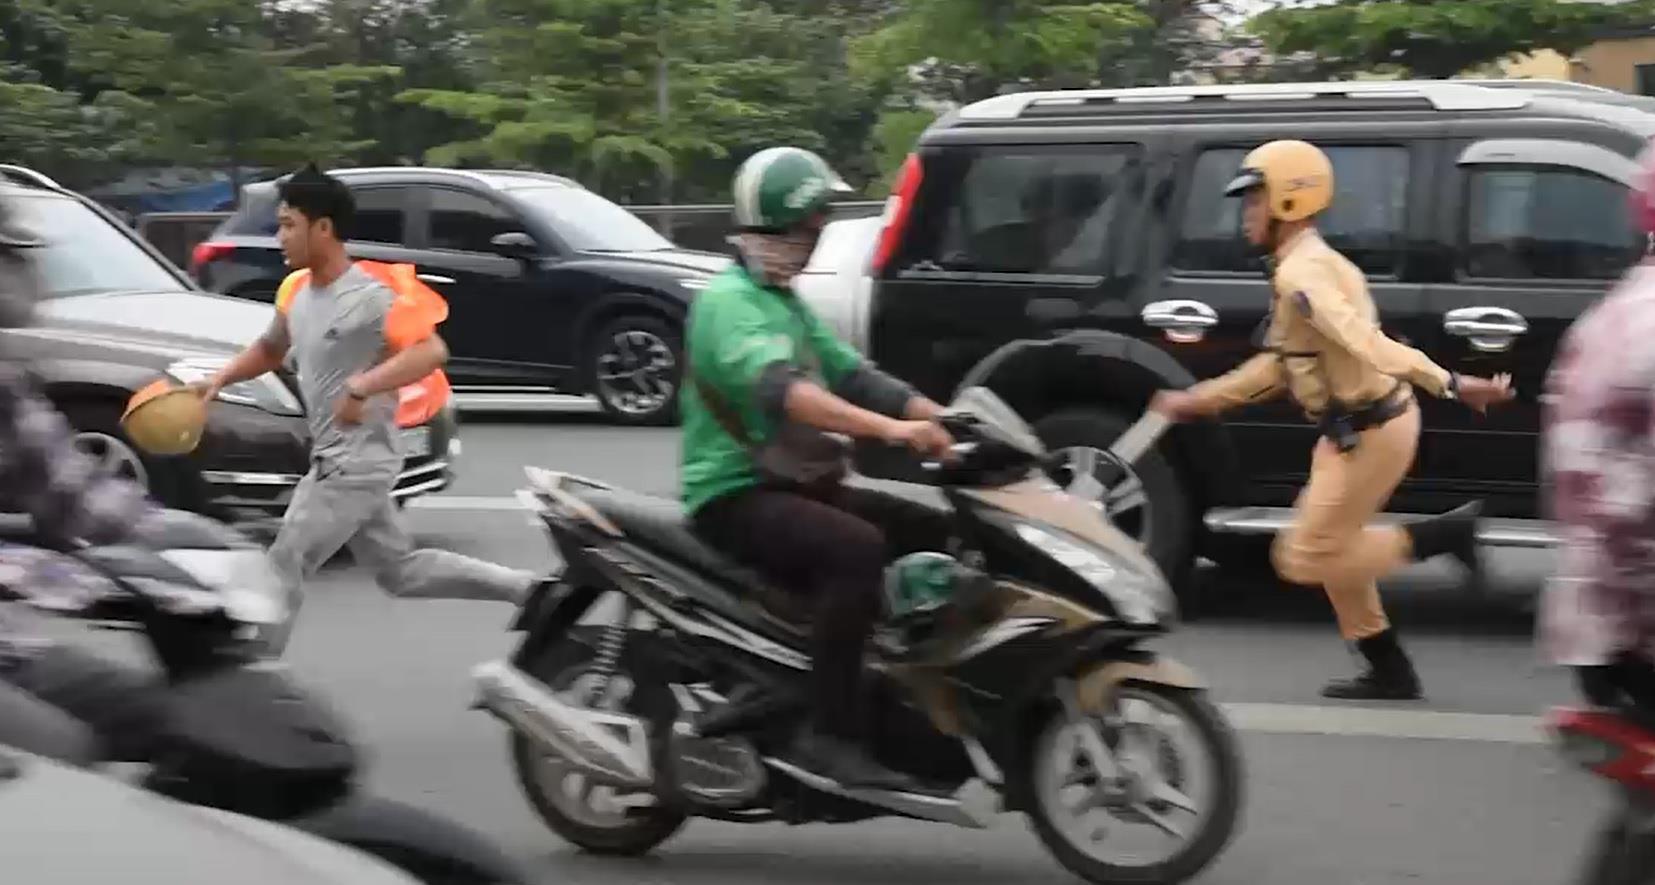 Tài xế xe máy bỏ chạy khi bị CSGT tuýt còi ở đường cao tốc trên cao